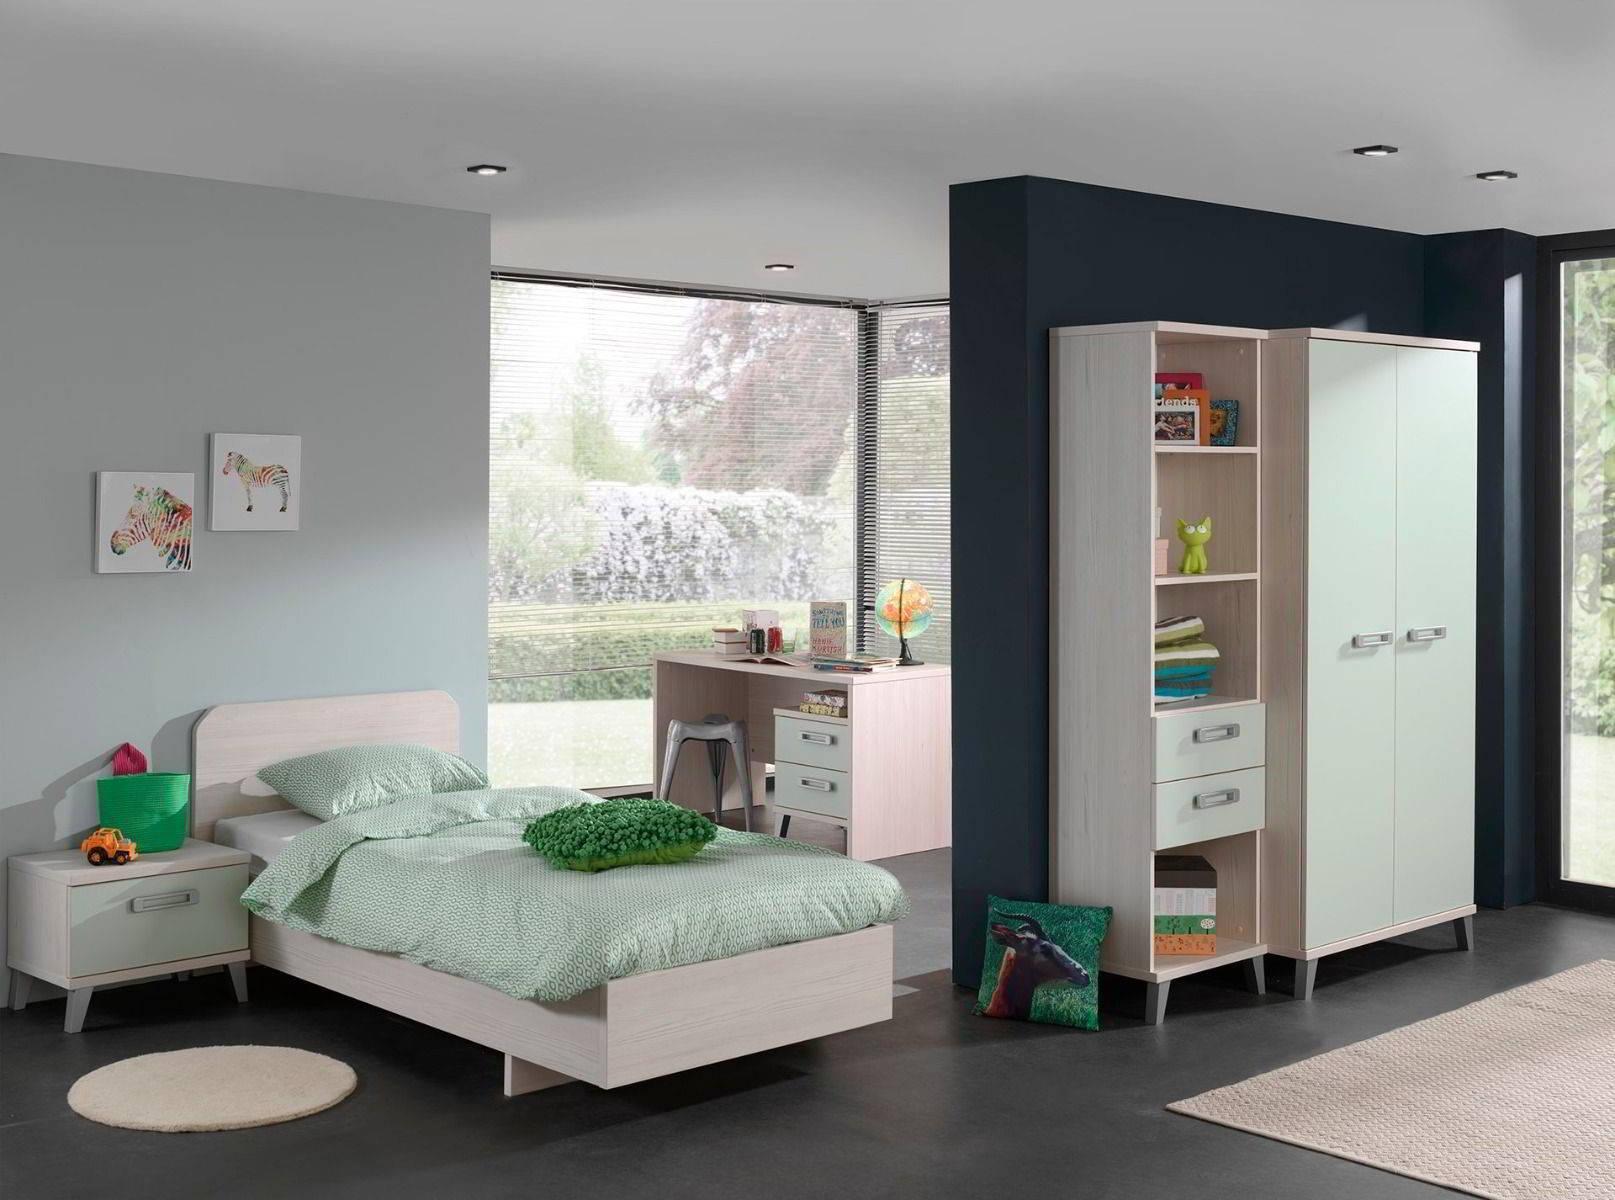 5 règles pour décorer une chambre d'enfant avec style